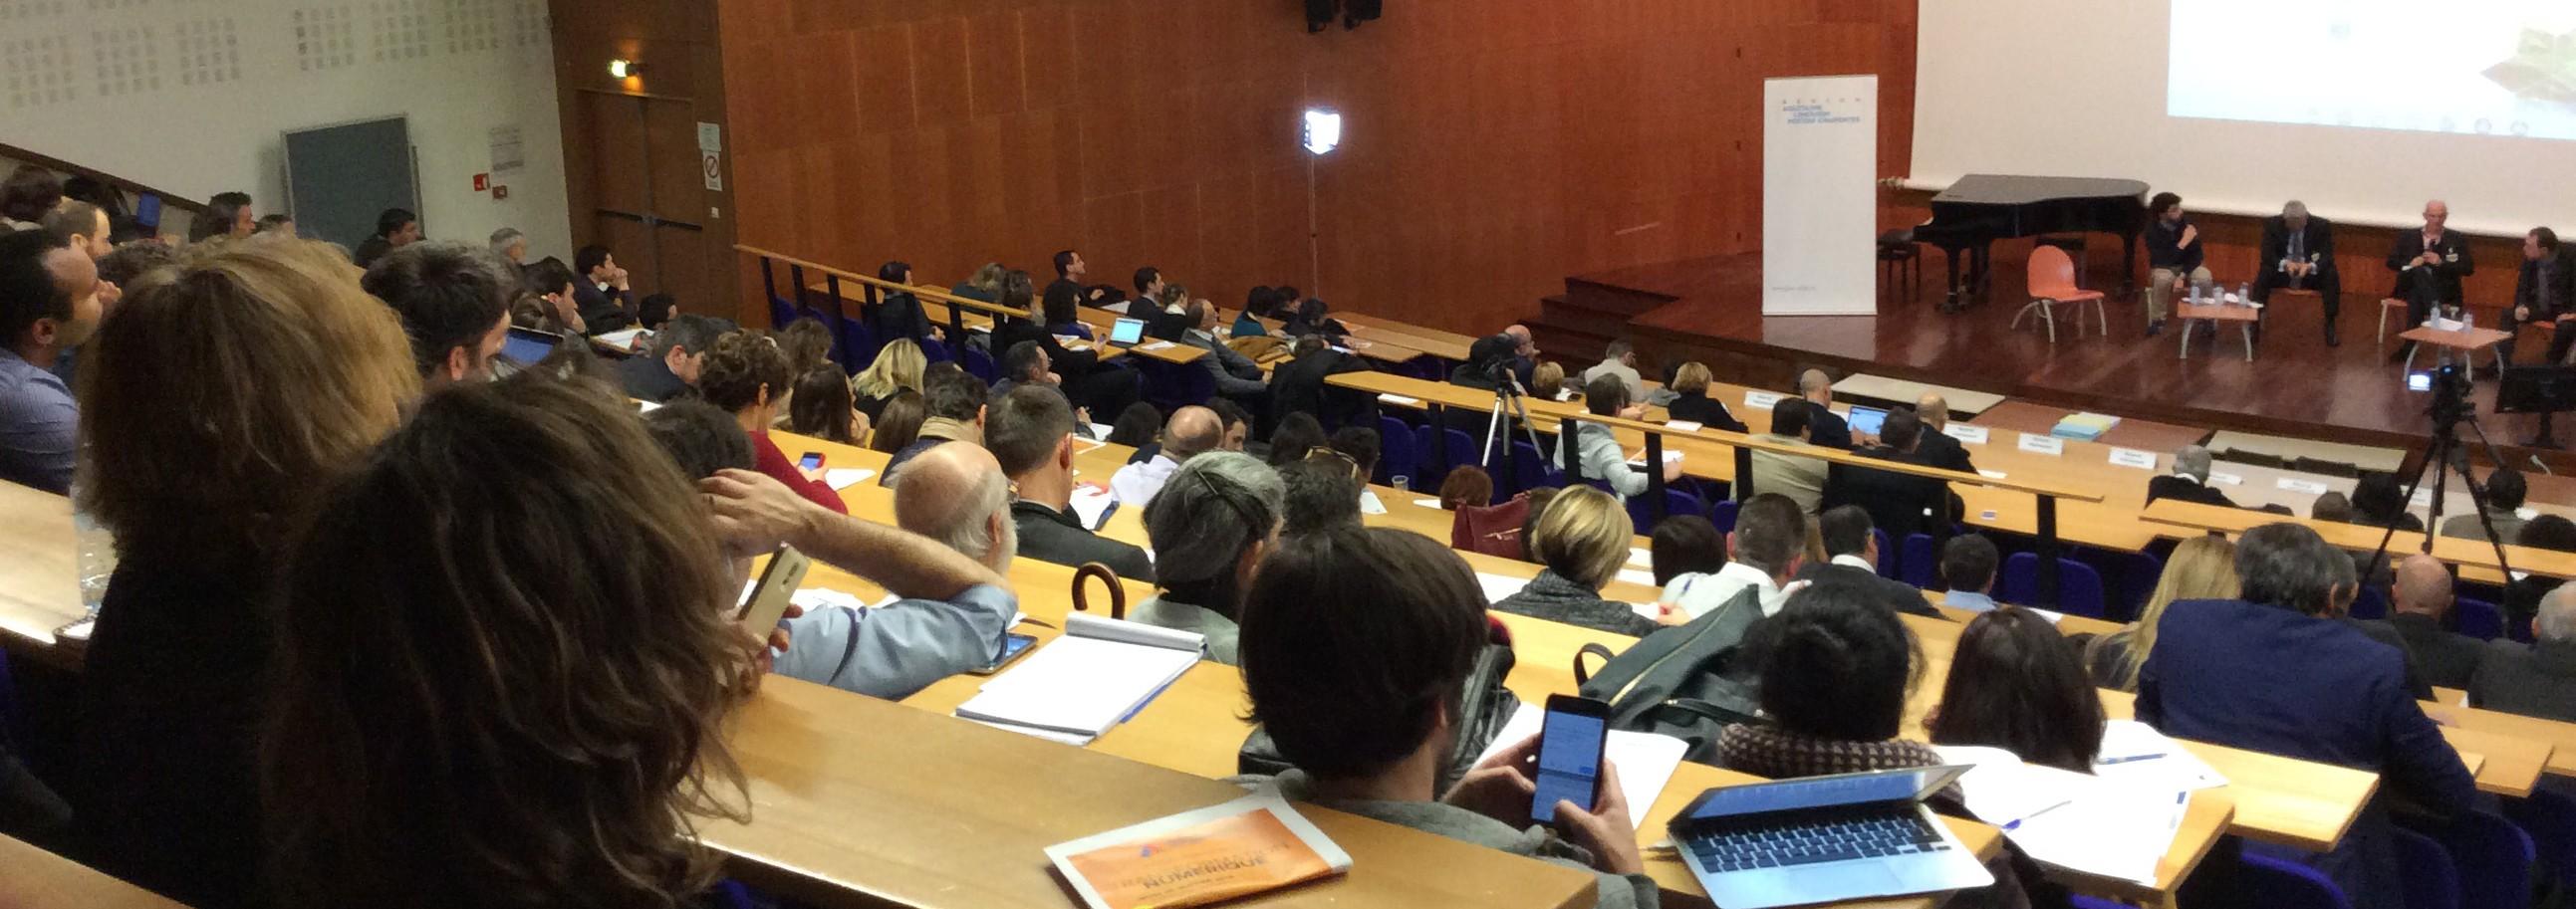 1er forum régional de la transformation numérique